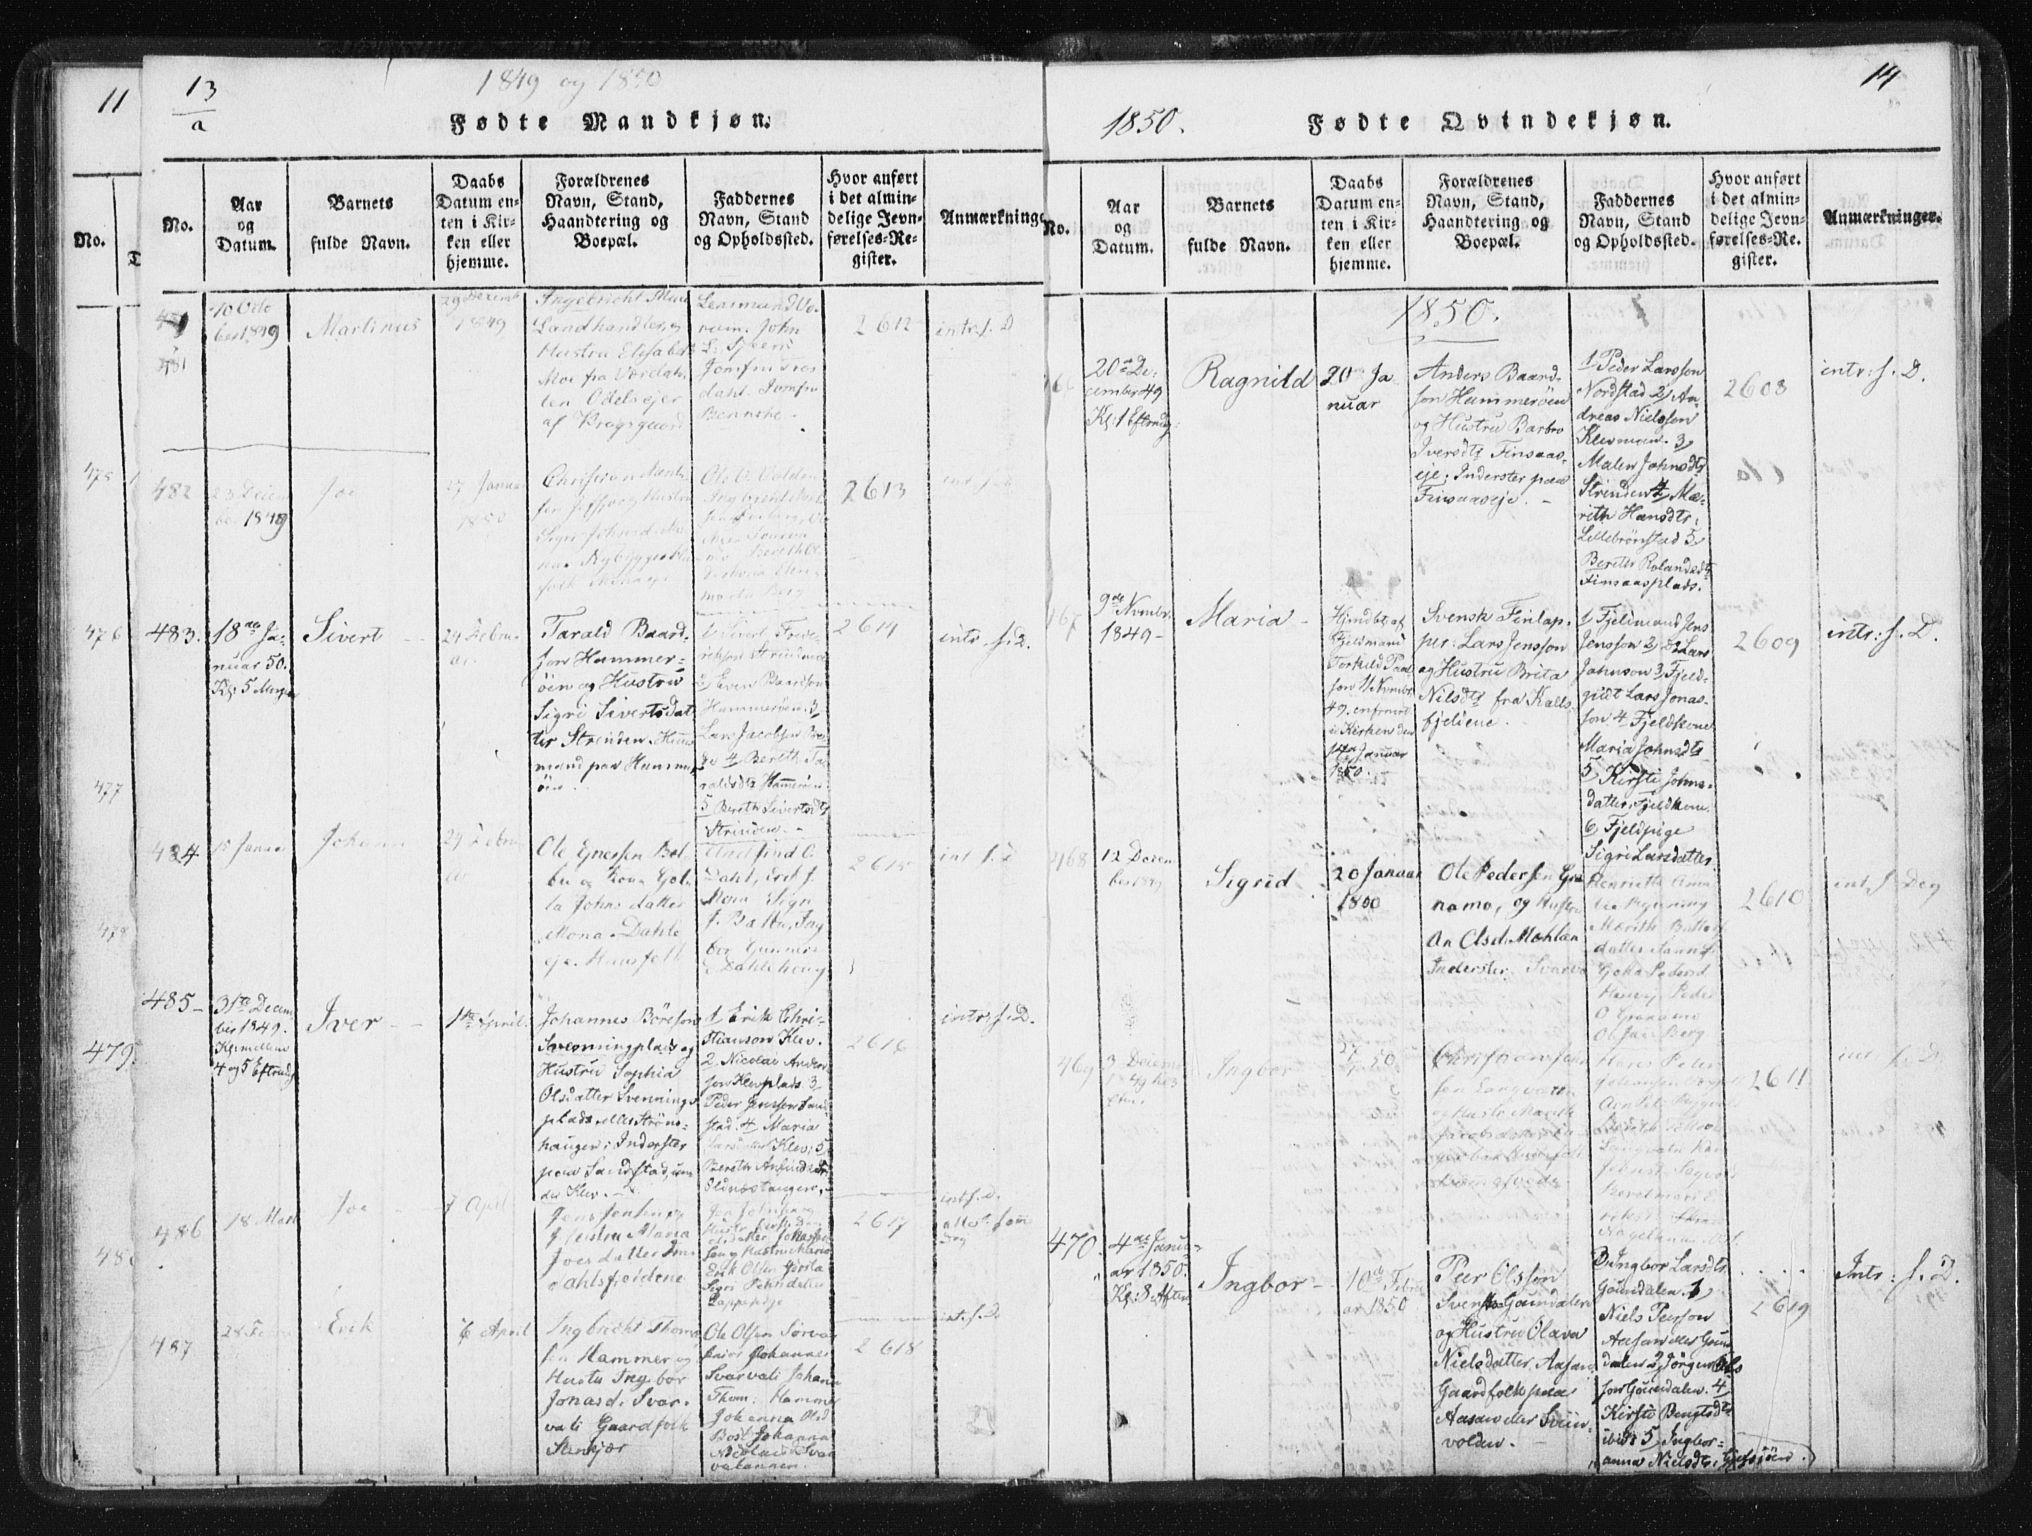 SAT, Ministerialprotokoller, klokkerbøker og fødselsregistre - Nord-Trøndelag, 749/L0471: Ministerialbok nr. 749A05, 1847-1856, s. 13-14